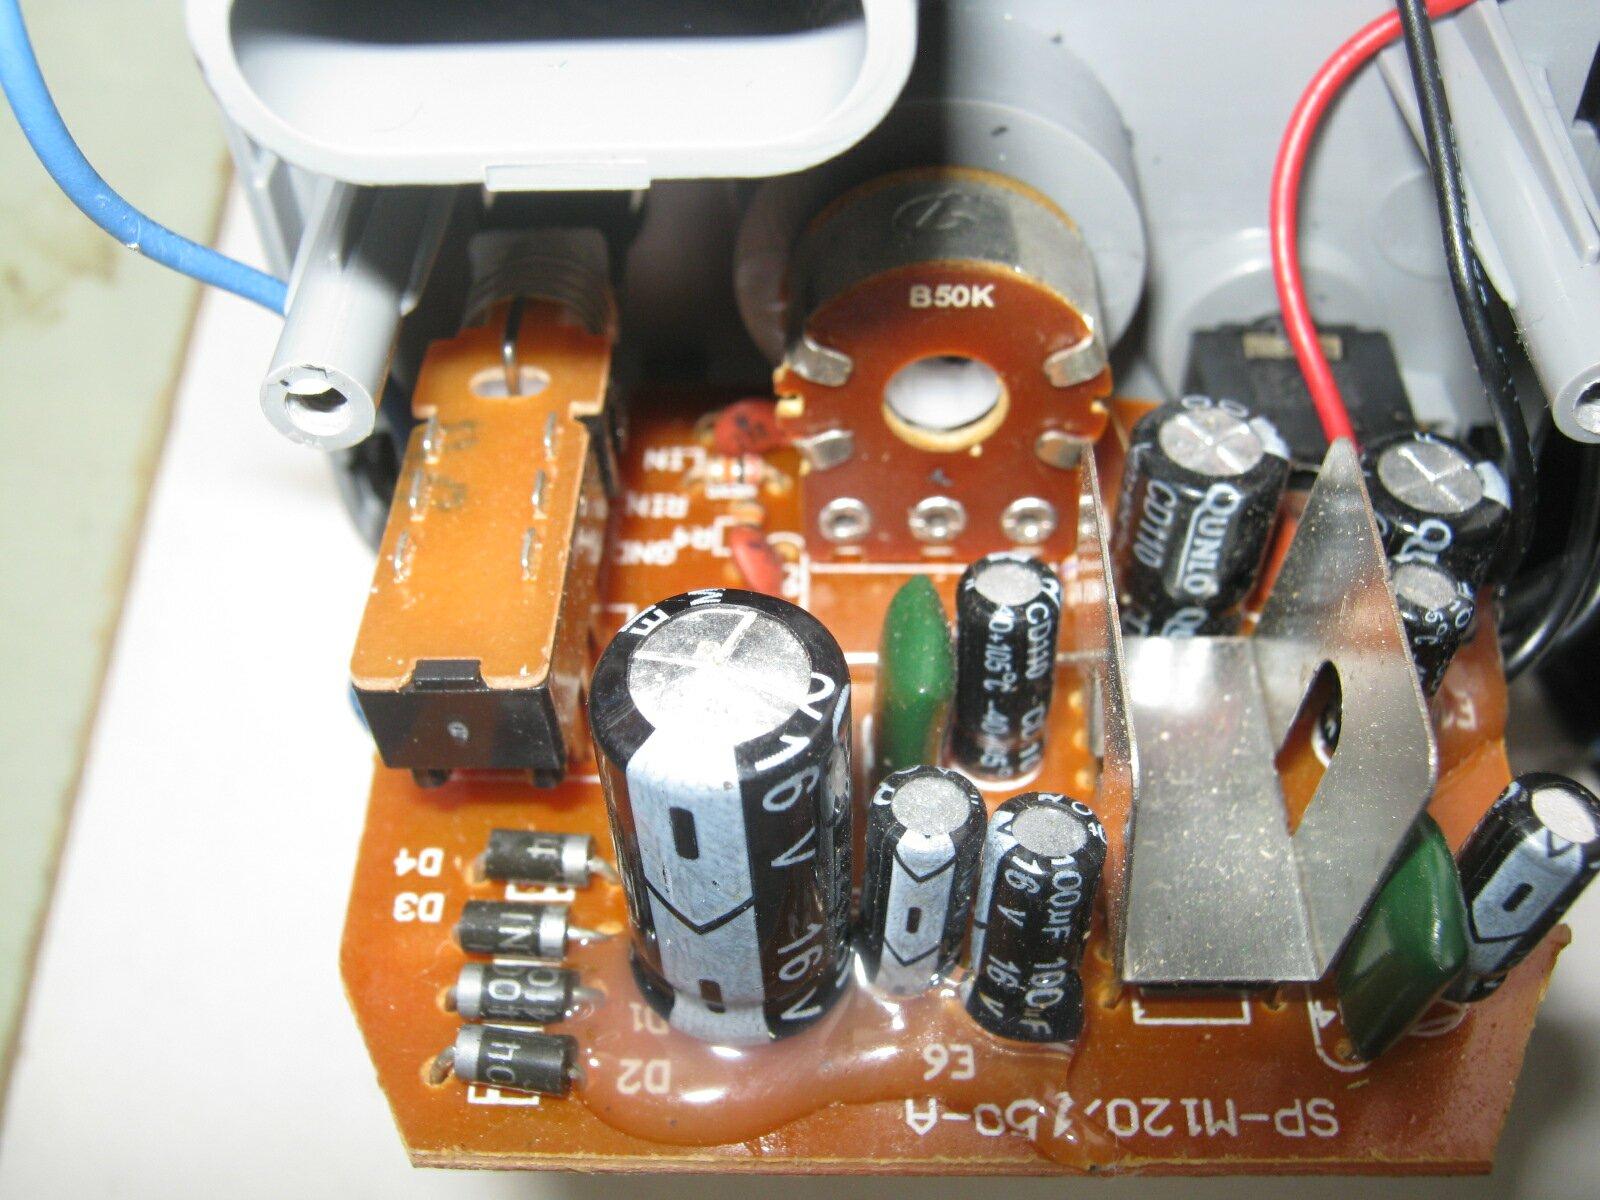 Ремонт колонок компьютера своими руками 14